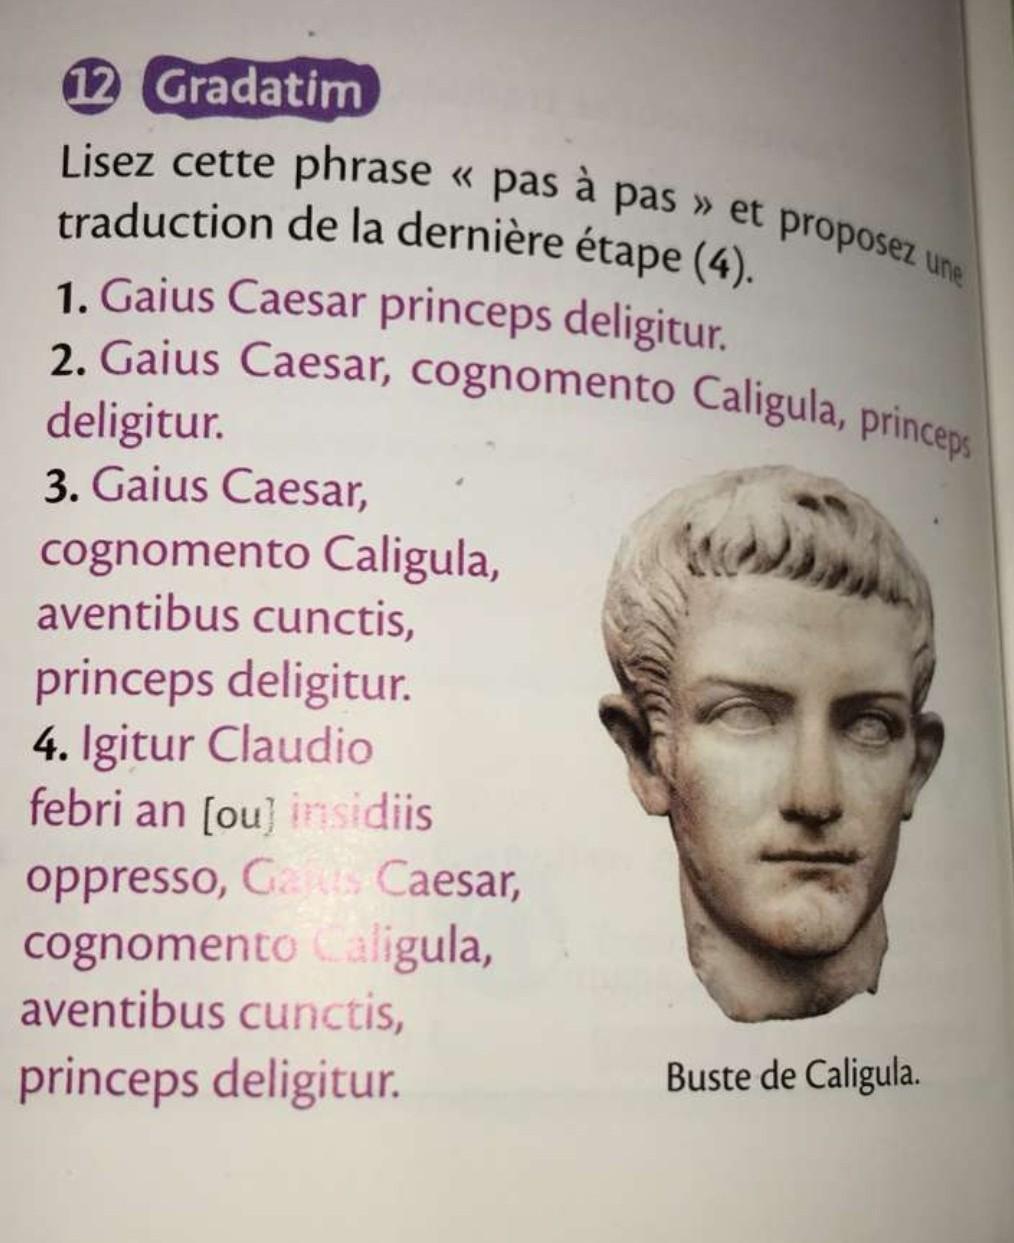 Bonjour, SVP je dois rentre cet exercice AUJOURD'HUI !Exercice de Latin, niveau 3ème ;Lisez ...